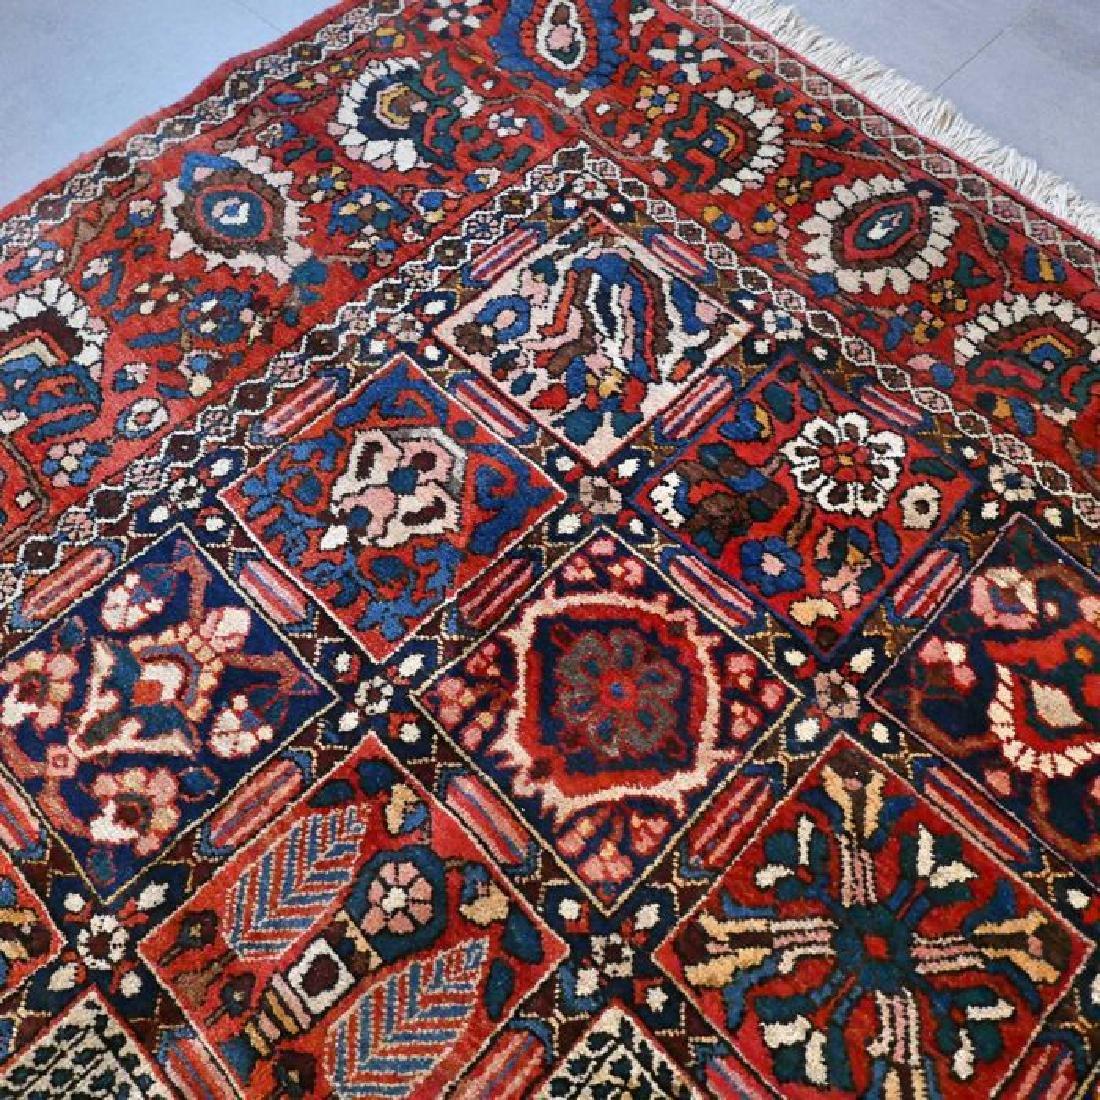 Hand Knotted Vintage Garden Tile Bakhtiar Rug 10x7 - 3